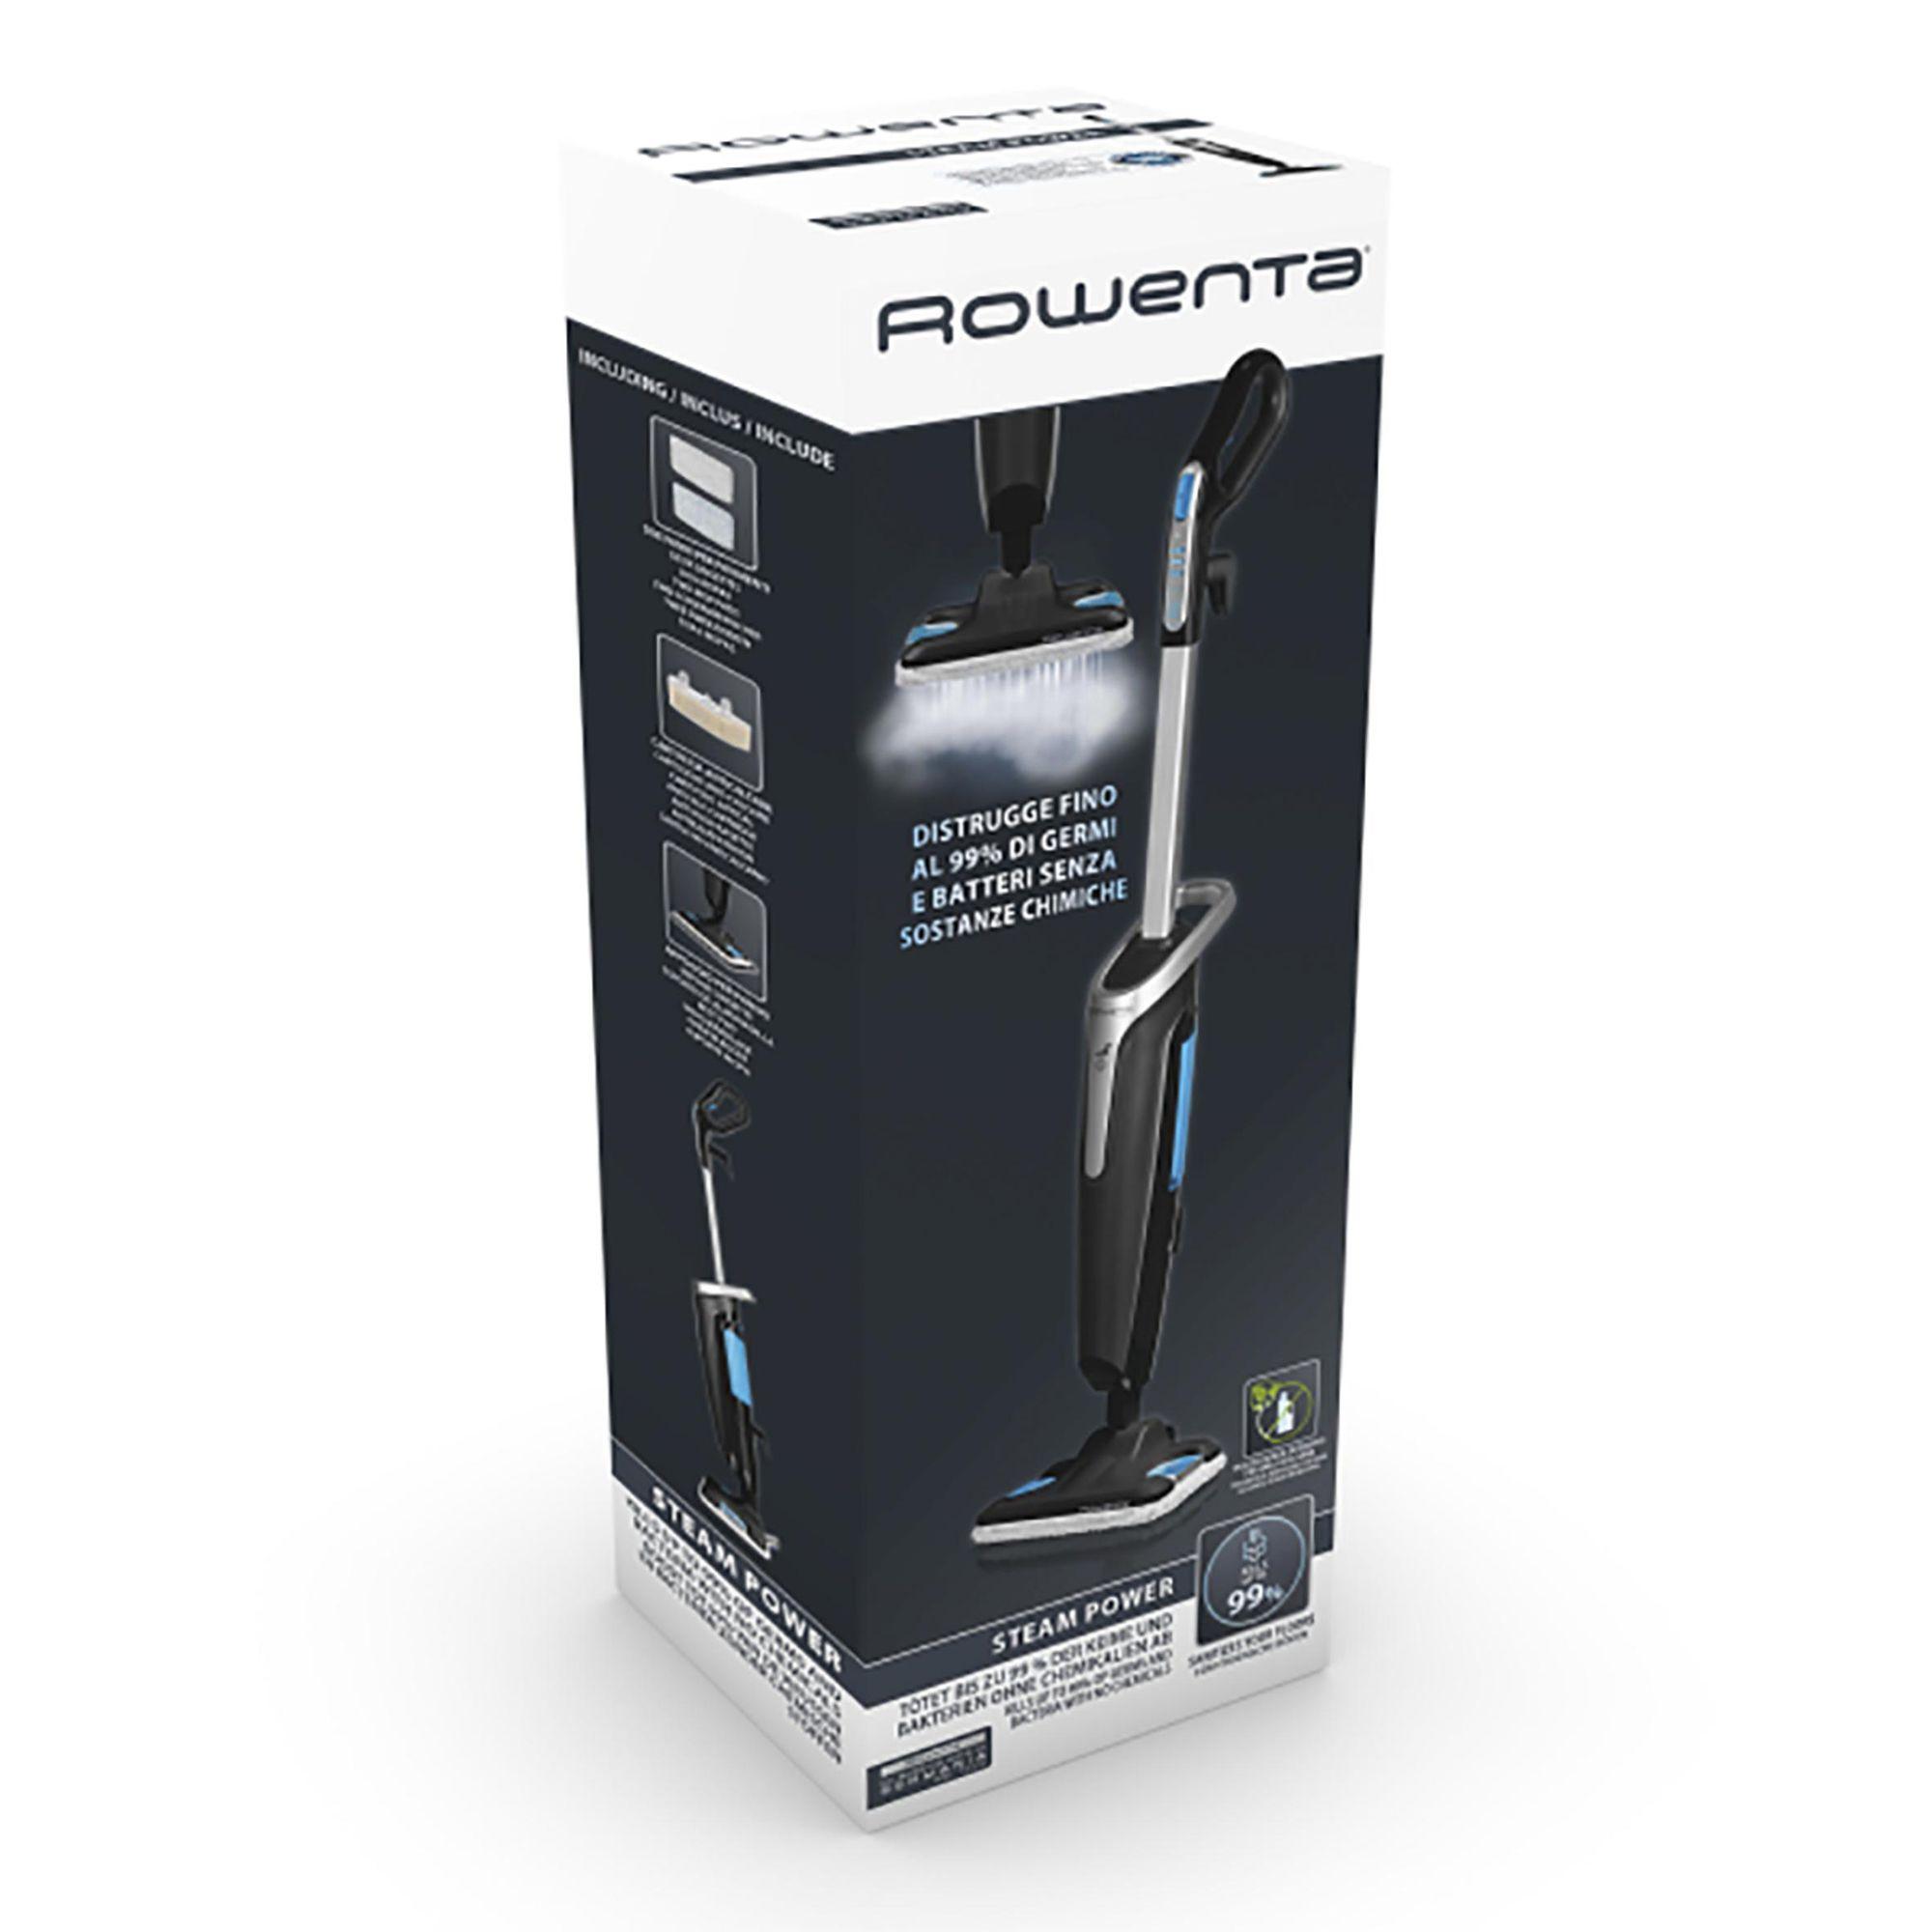 Mop cu abur ROWENTA Steam Power RY6555WH, 1200W, 0.6L, filtru anticalcar, 3 setari de reglaj al aburului, Negru/Albastru